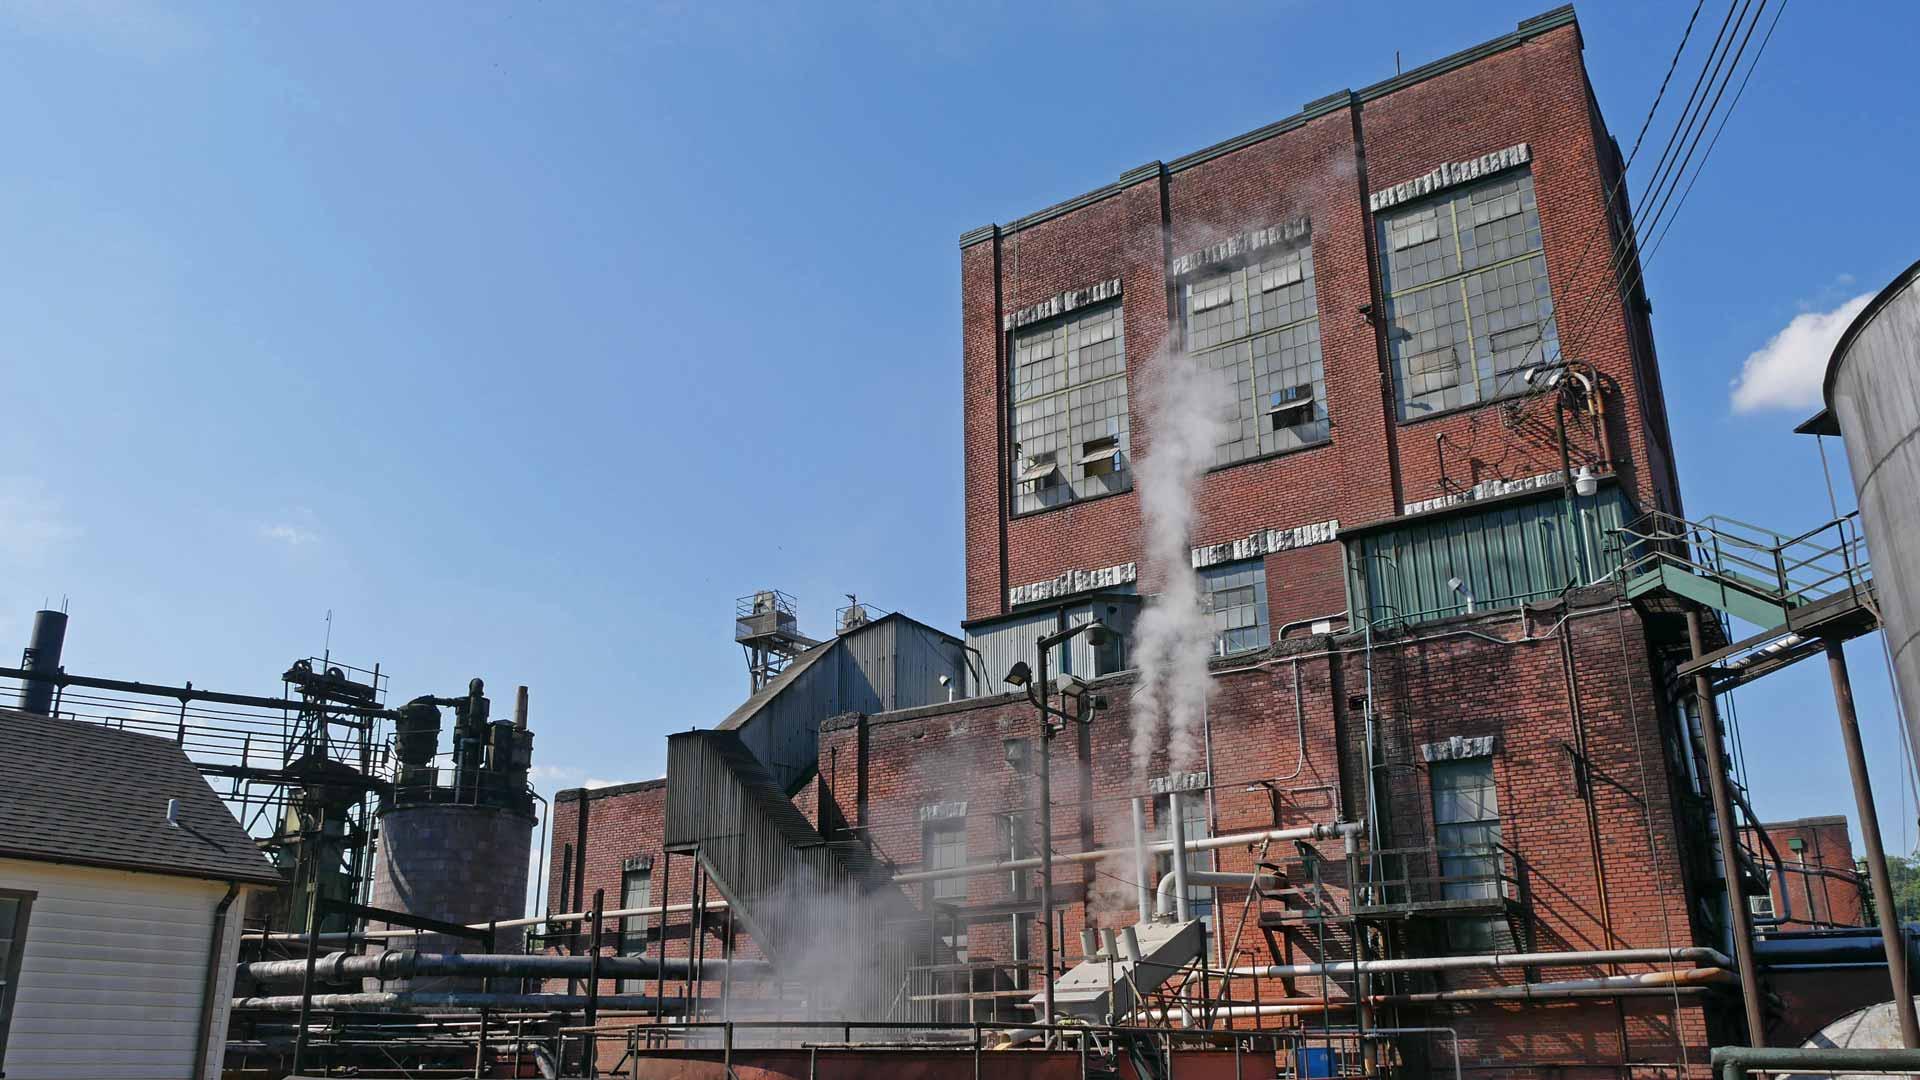 Die Destillerie von Buffalo Trace strahlt einen industriellen Charme aus. (Foto: Malt Whisky)